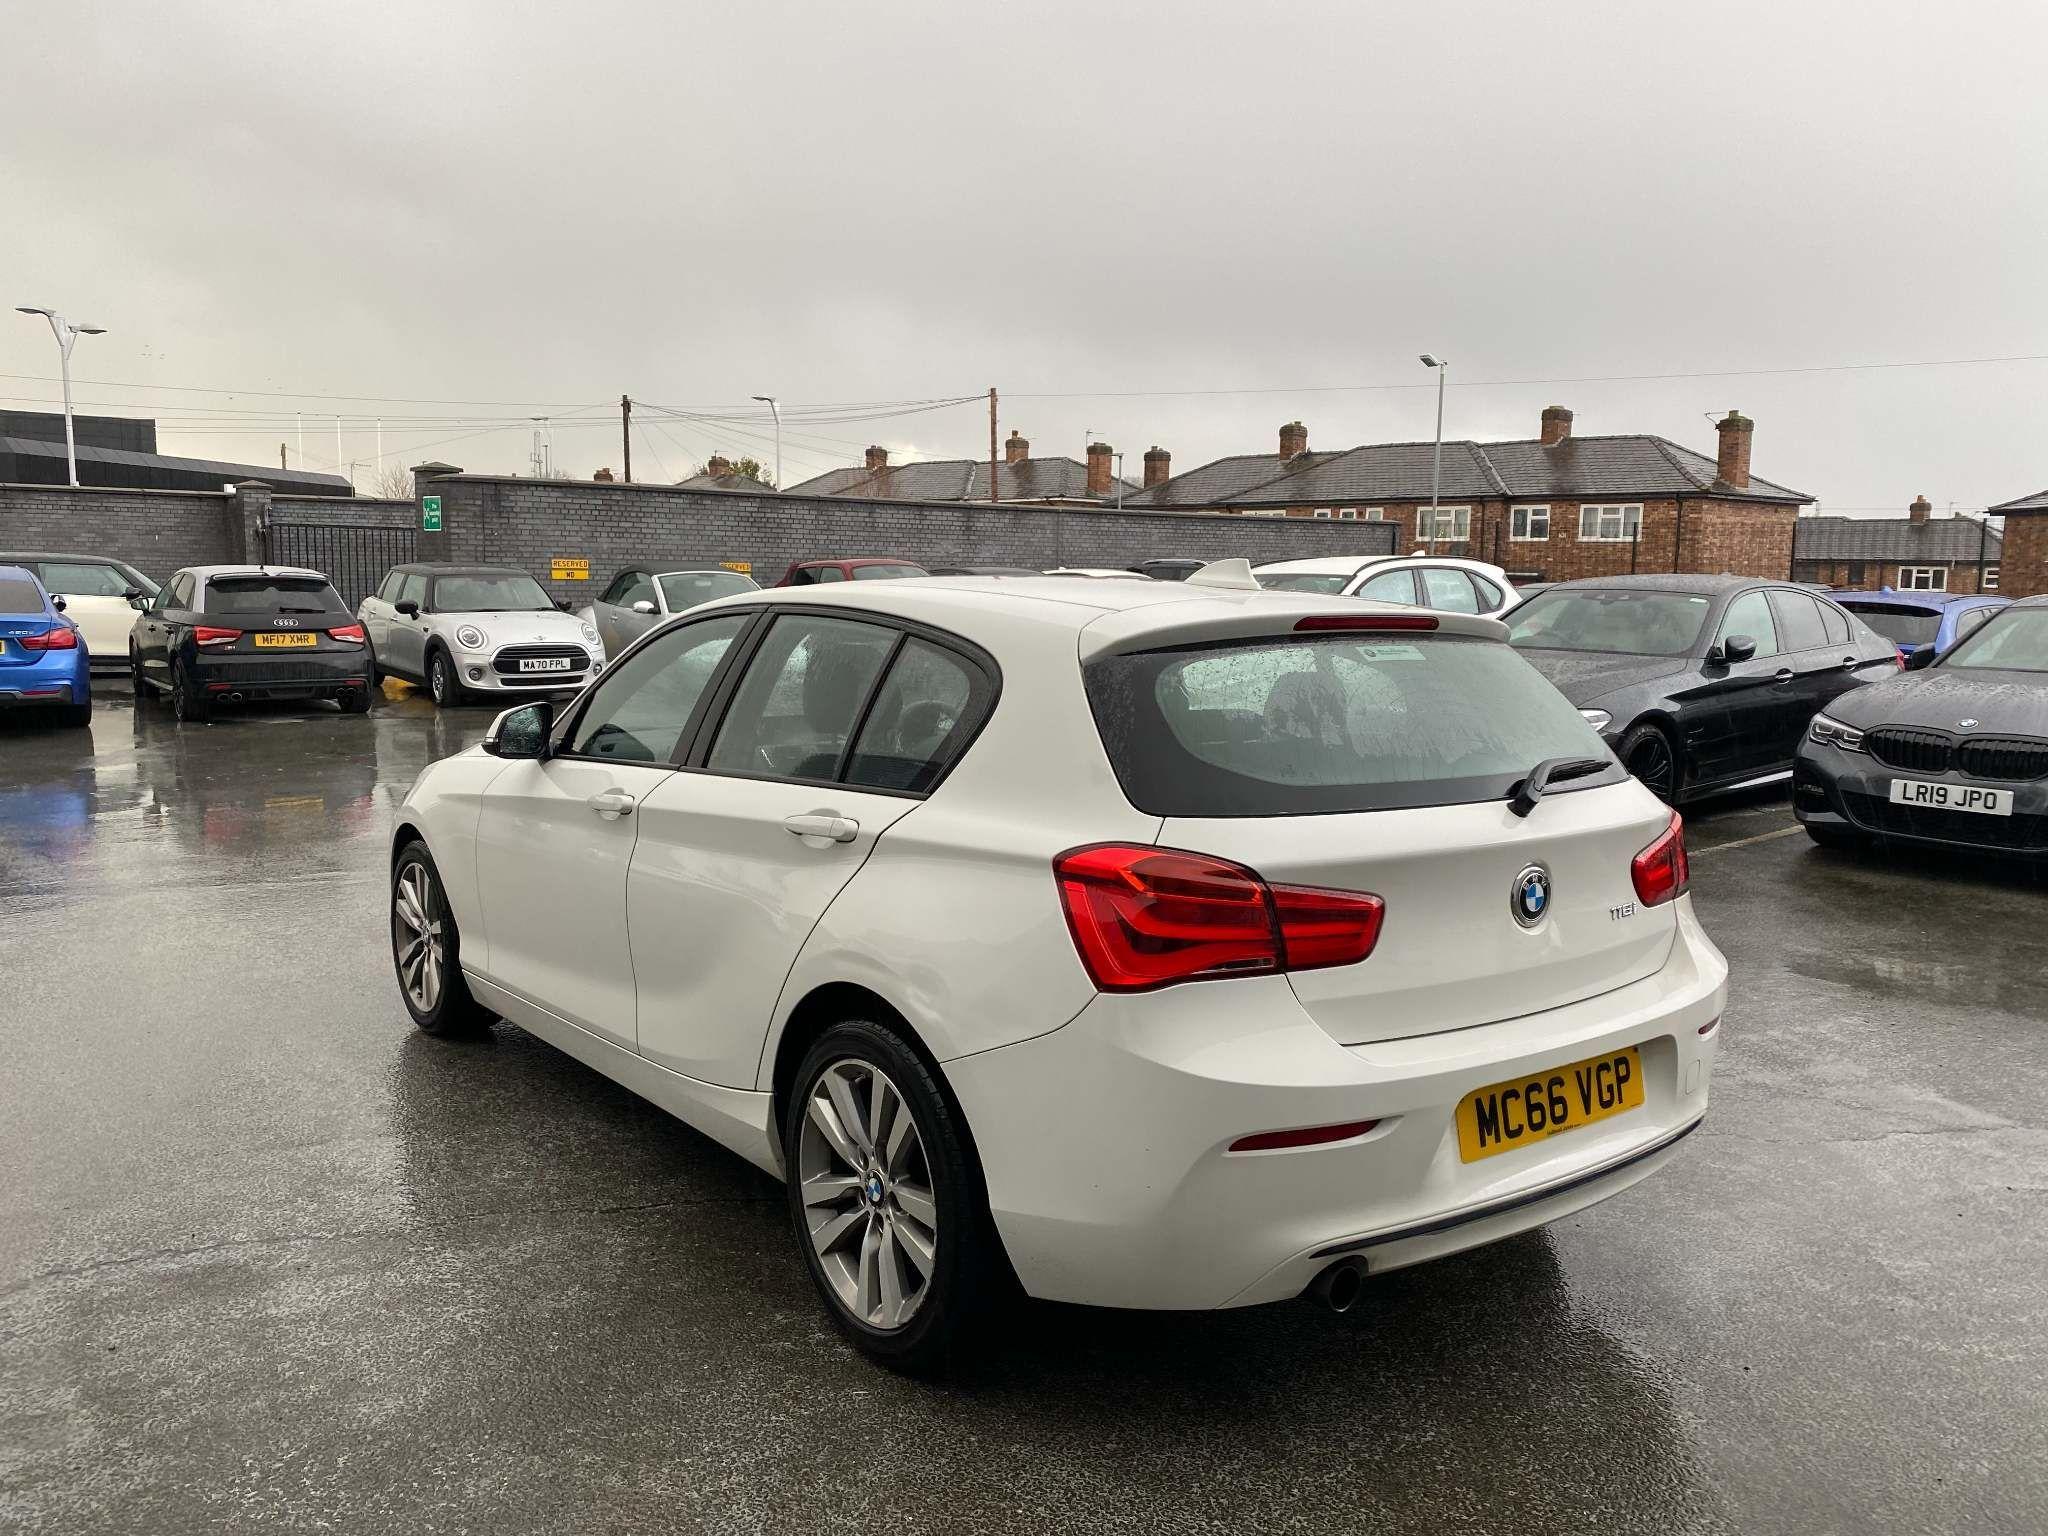 Image 2 - BMW 118i Sport 5-Door (MC66VGP)